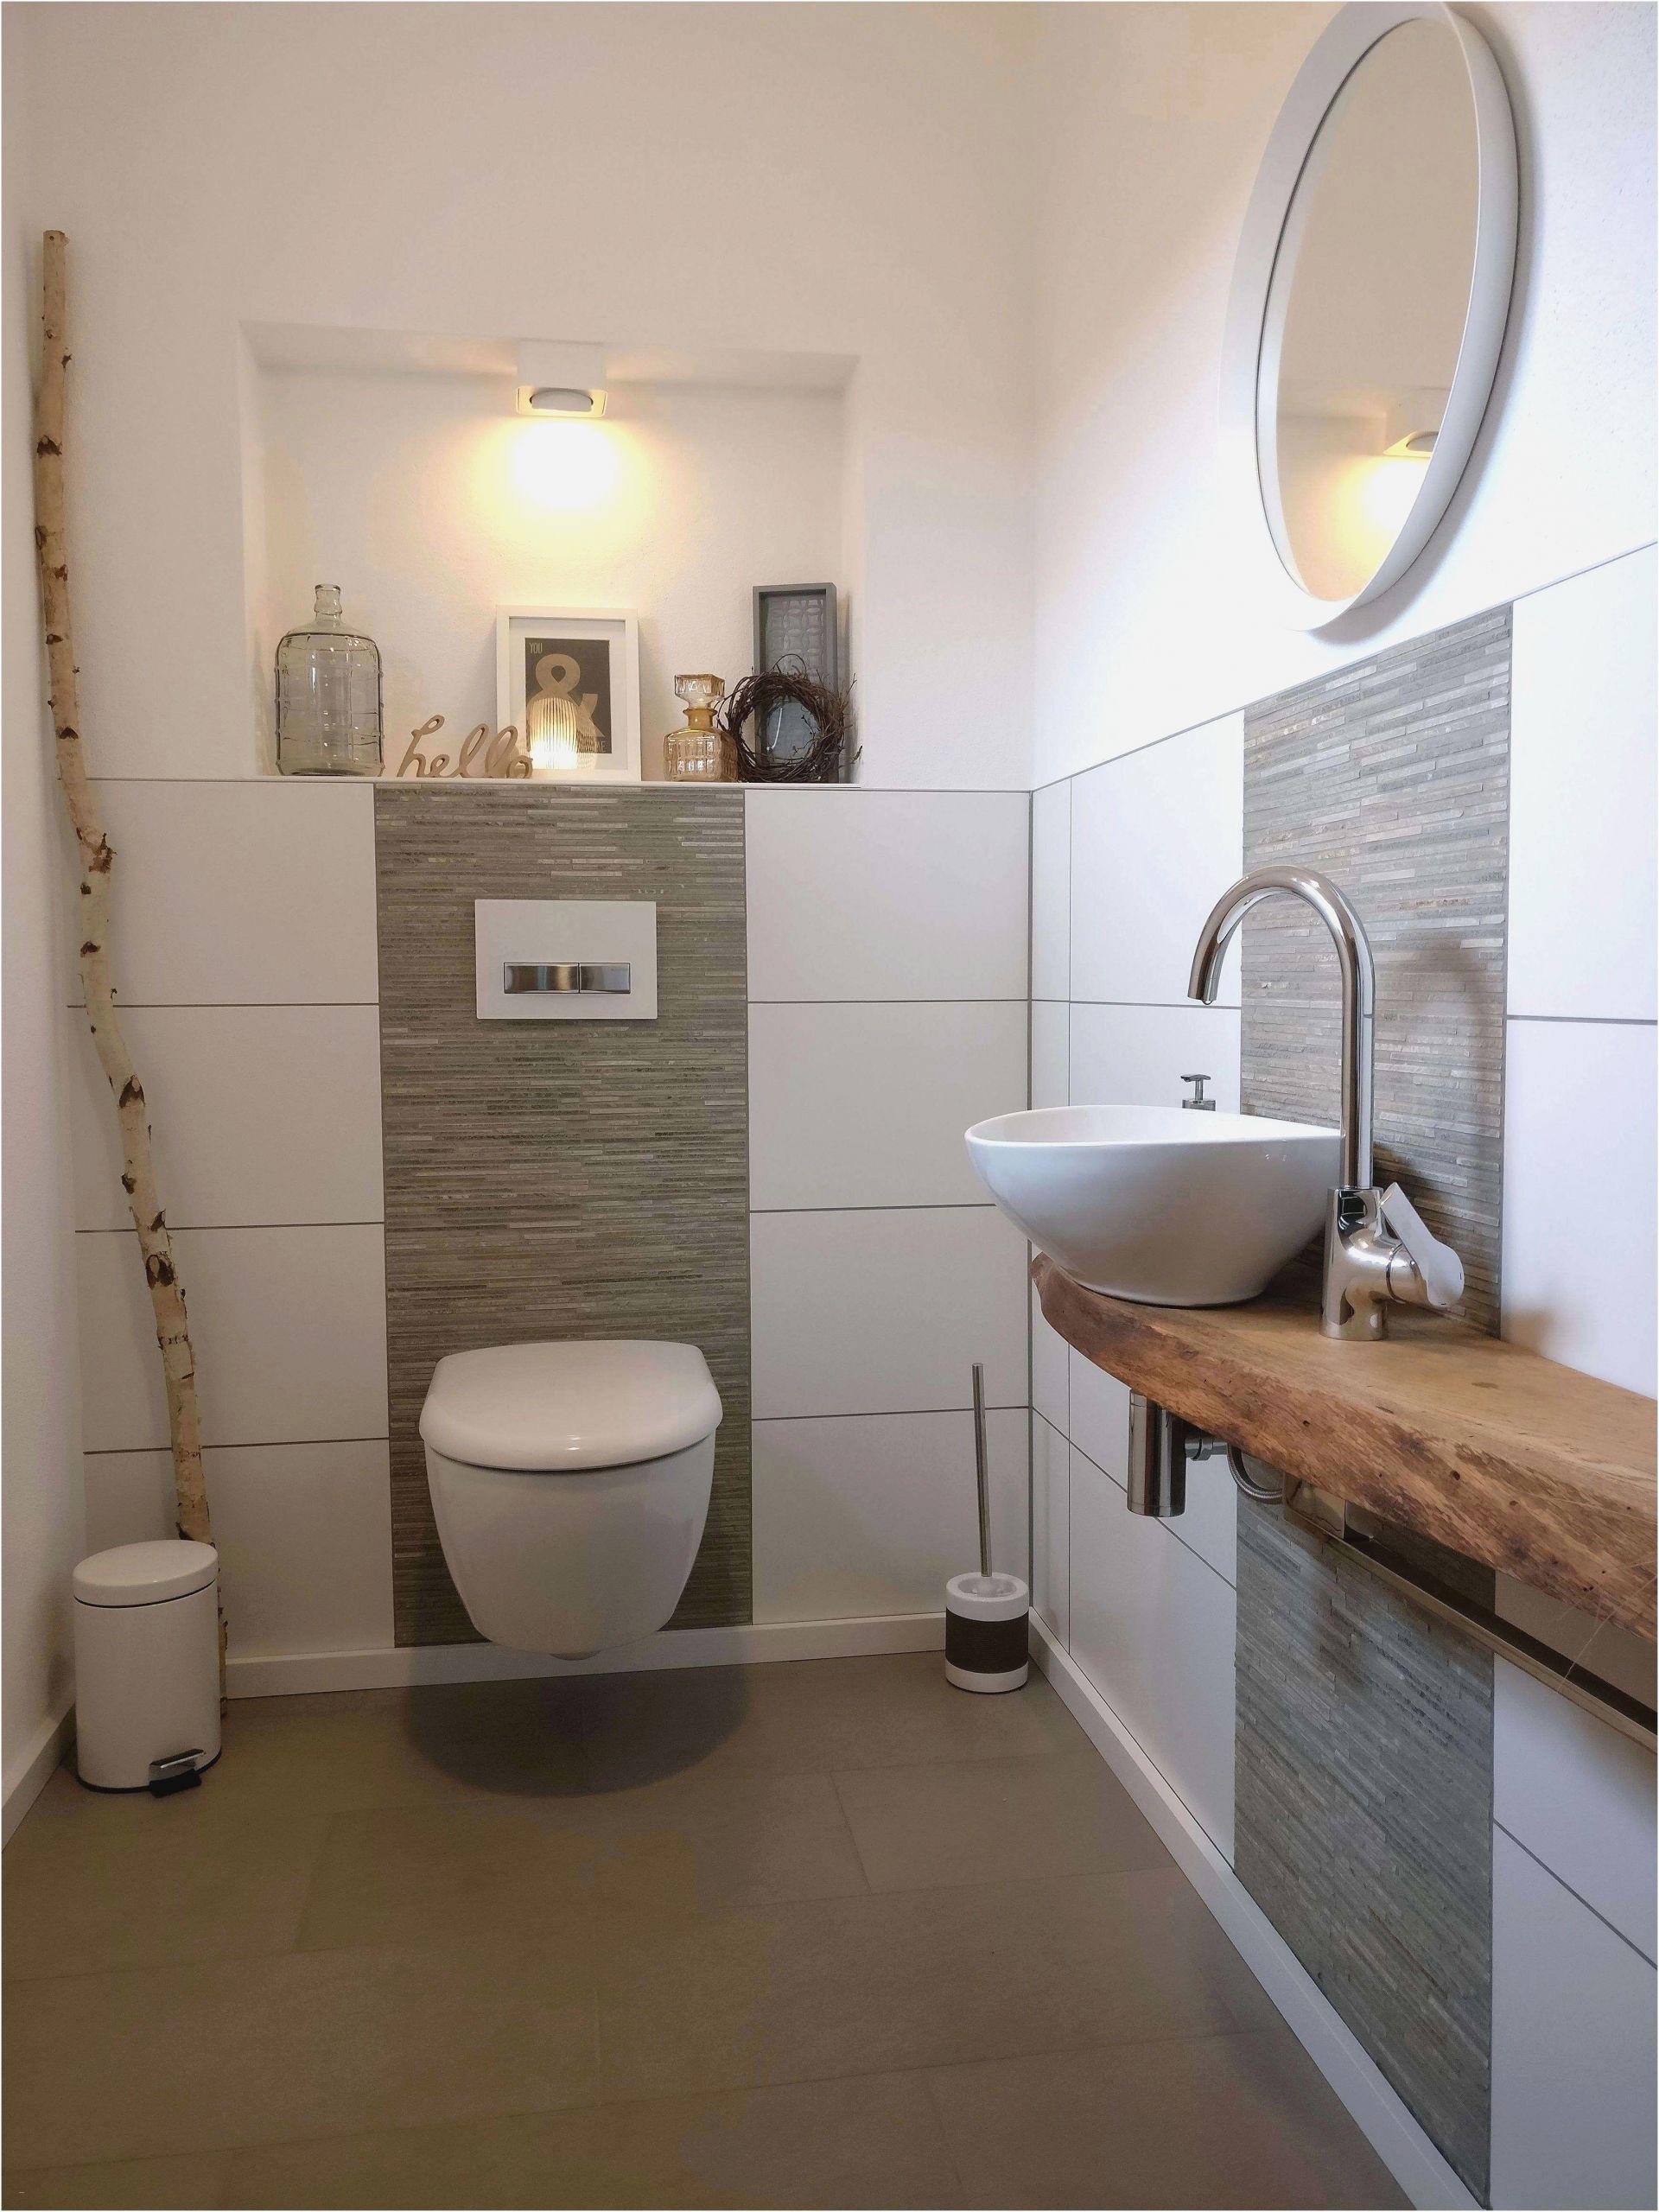 Badezimmer Einrichten Deko Kleines Badezimmer Optimal Einrichten Ankleidezimmer